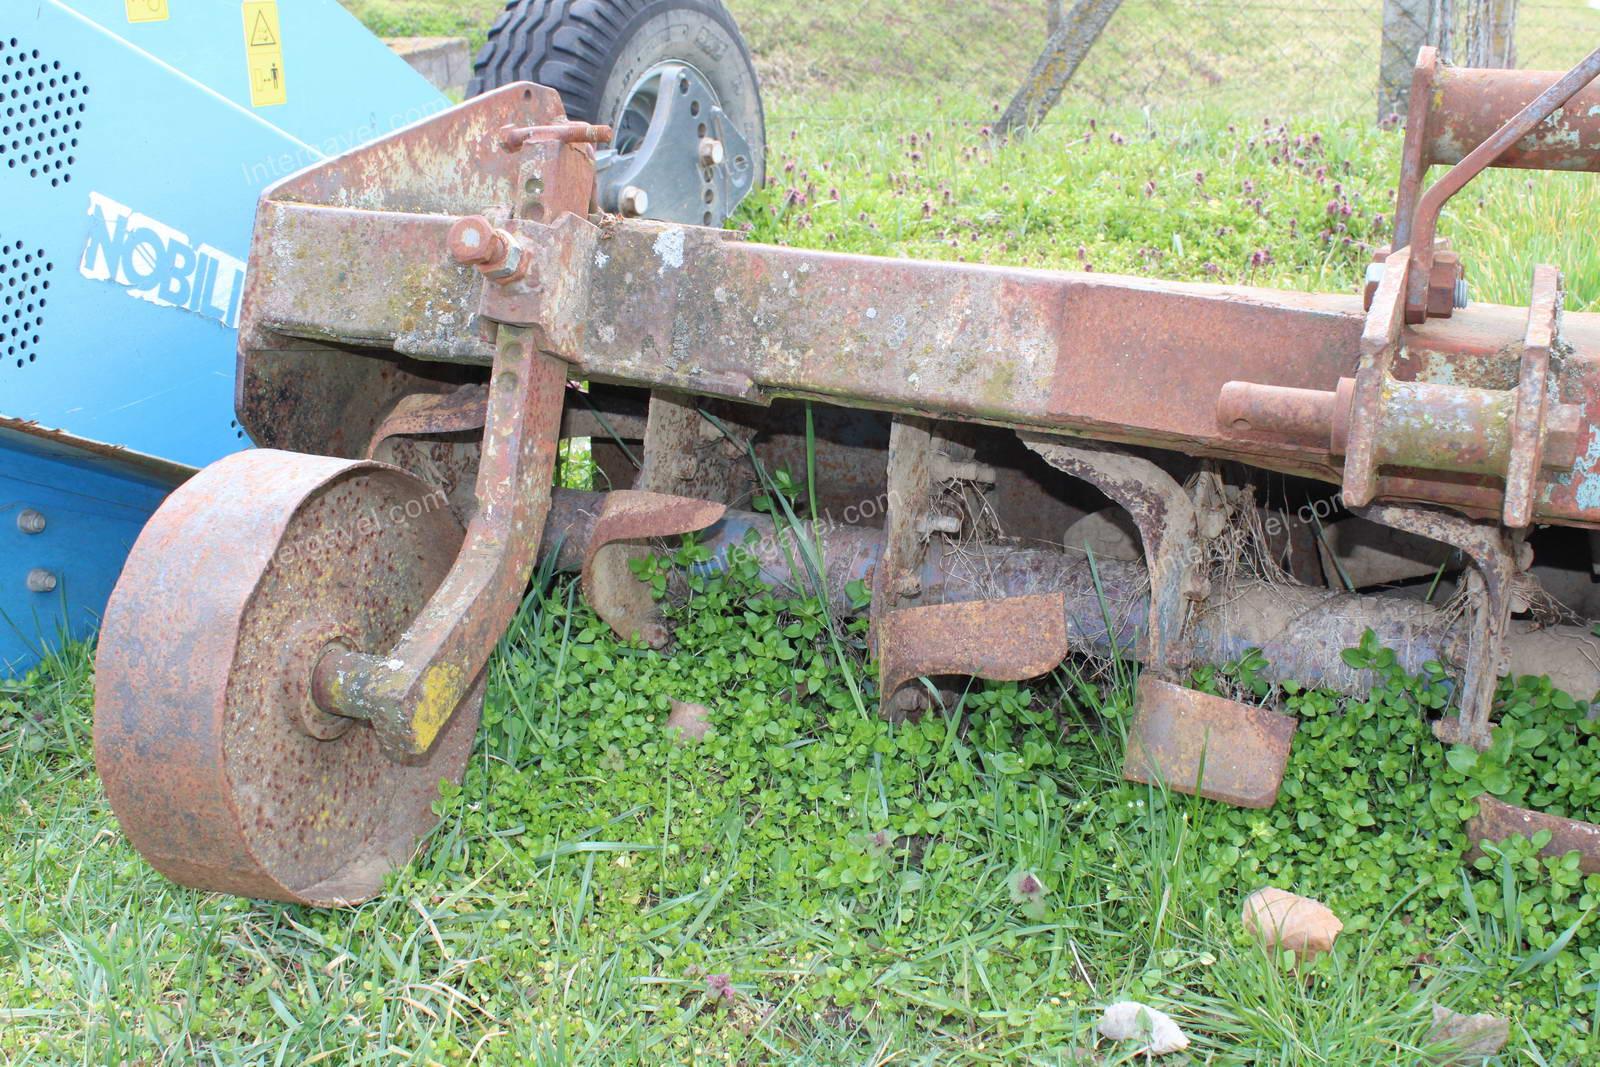 Soil cutter